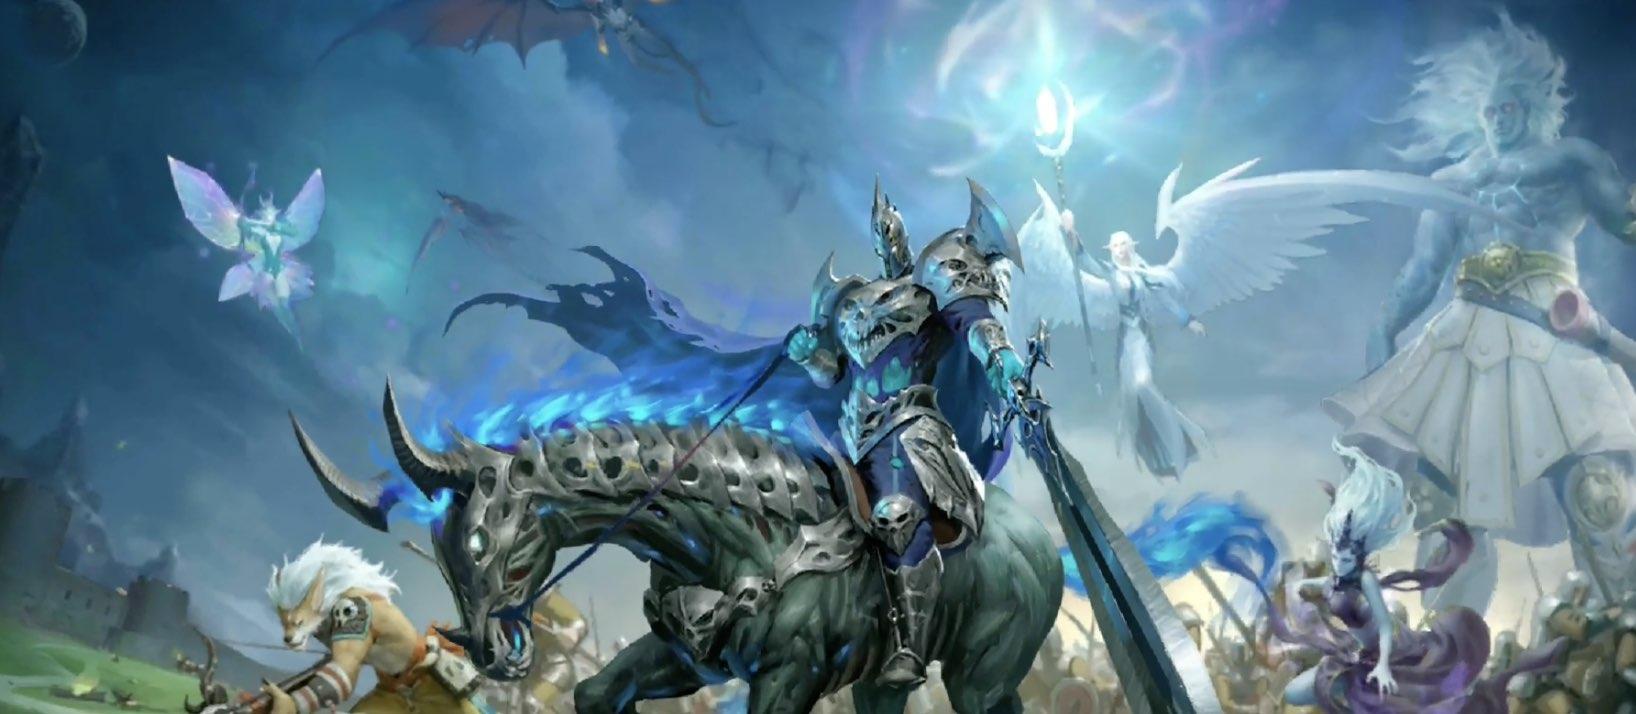 Honor Of Thrones hack relics